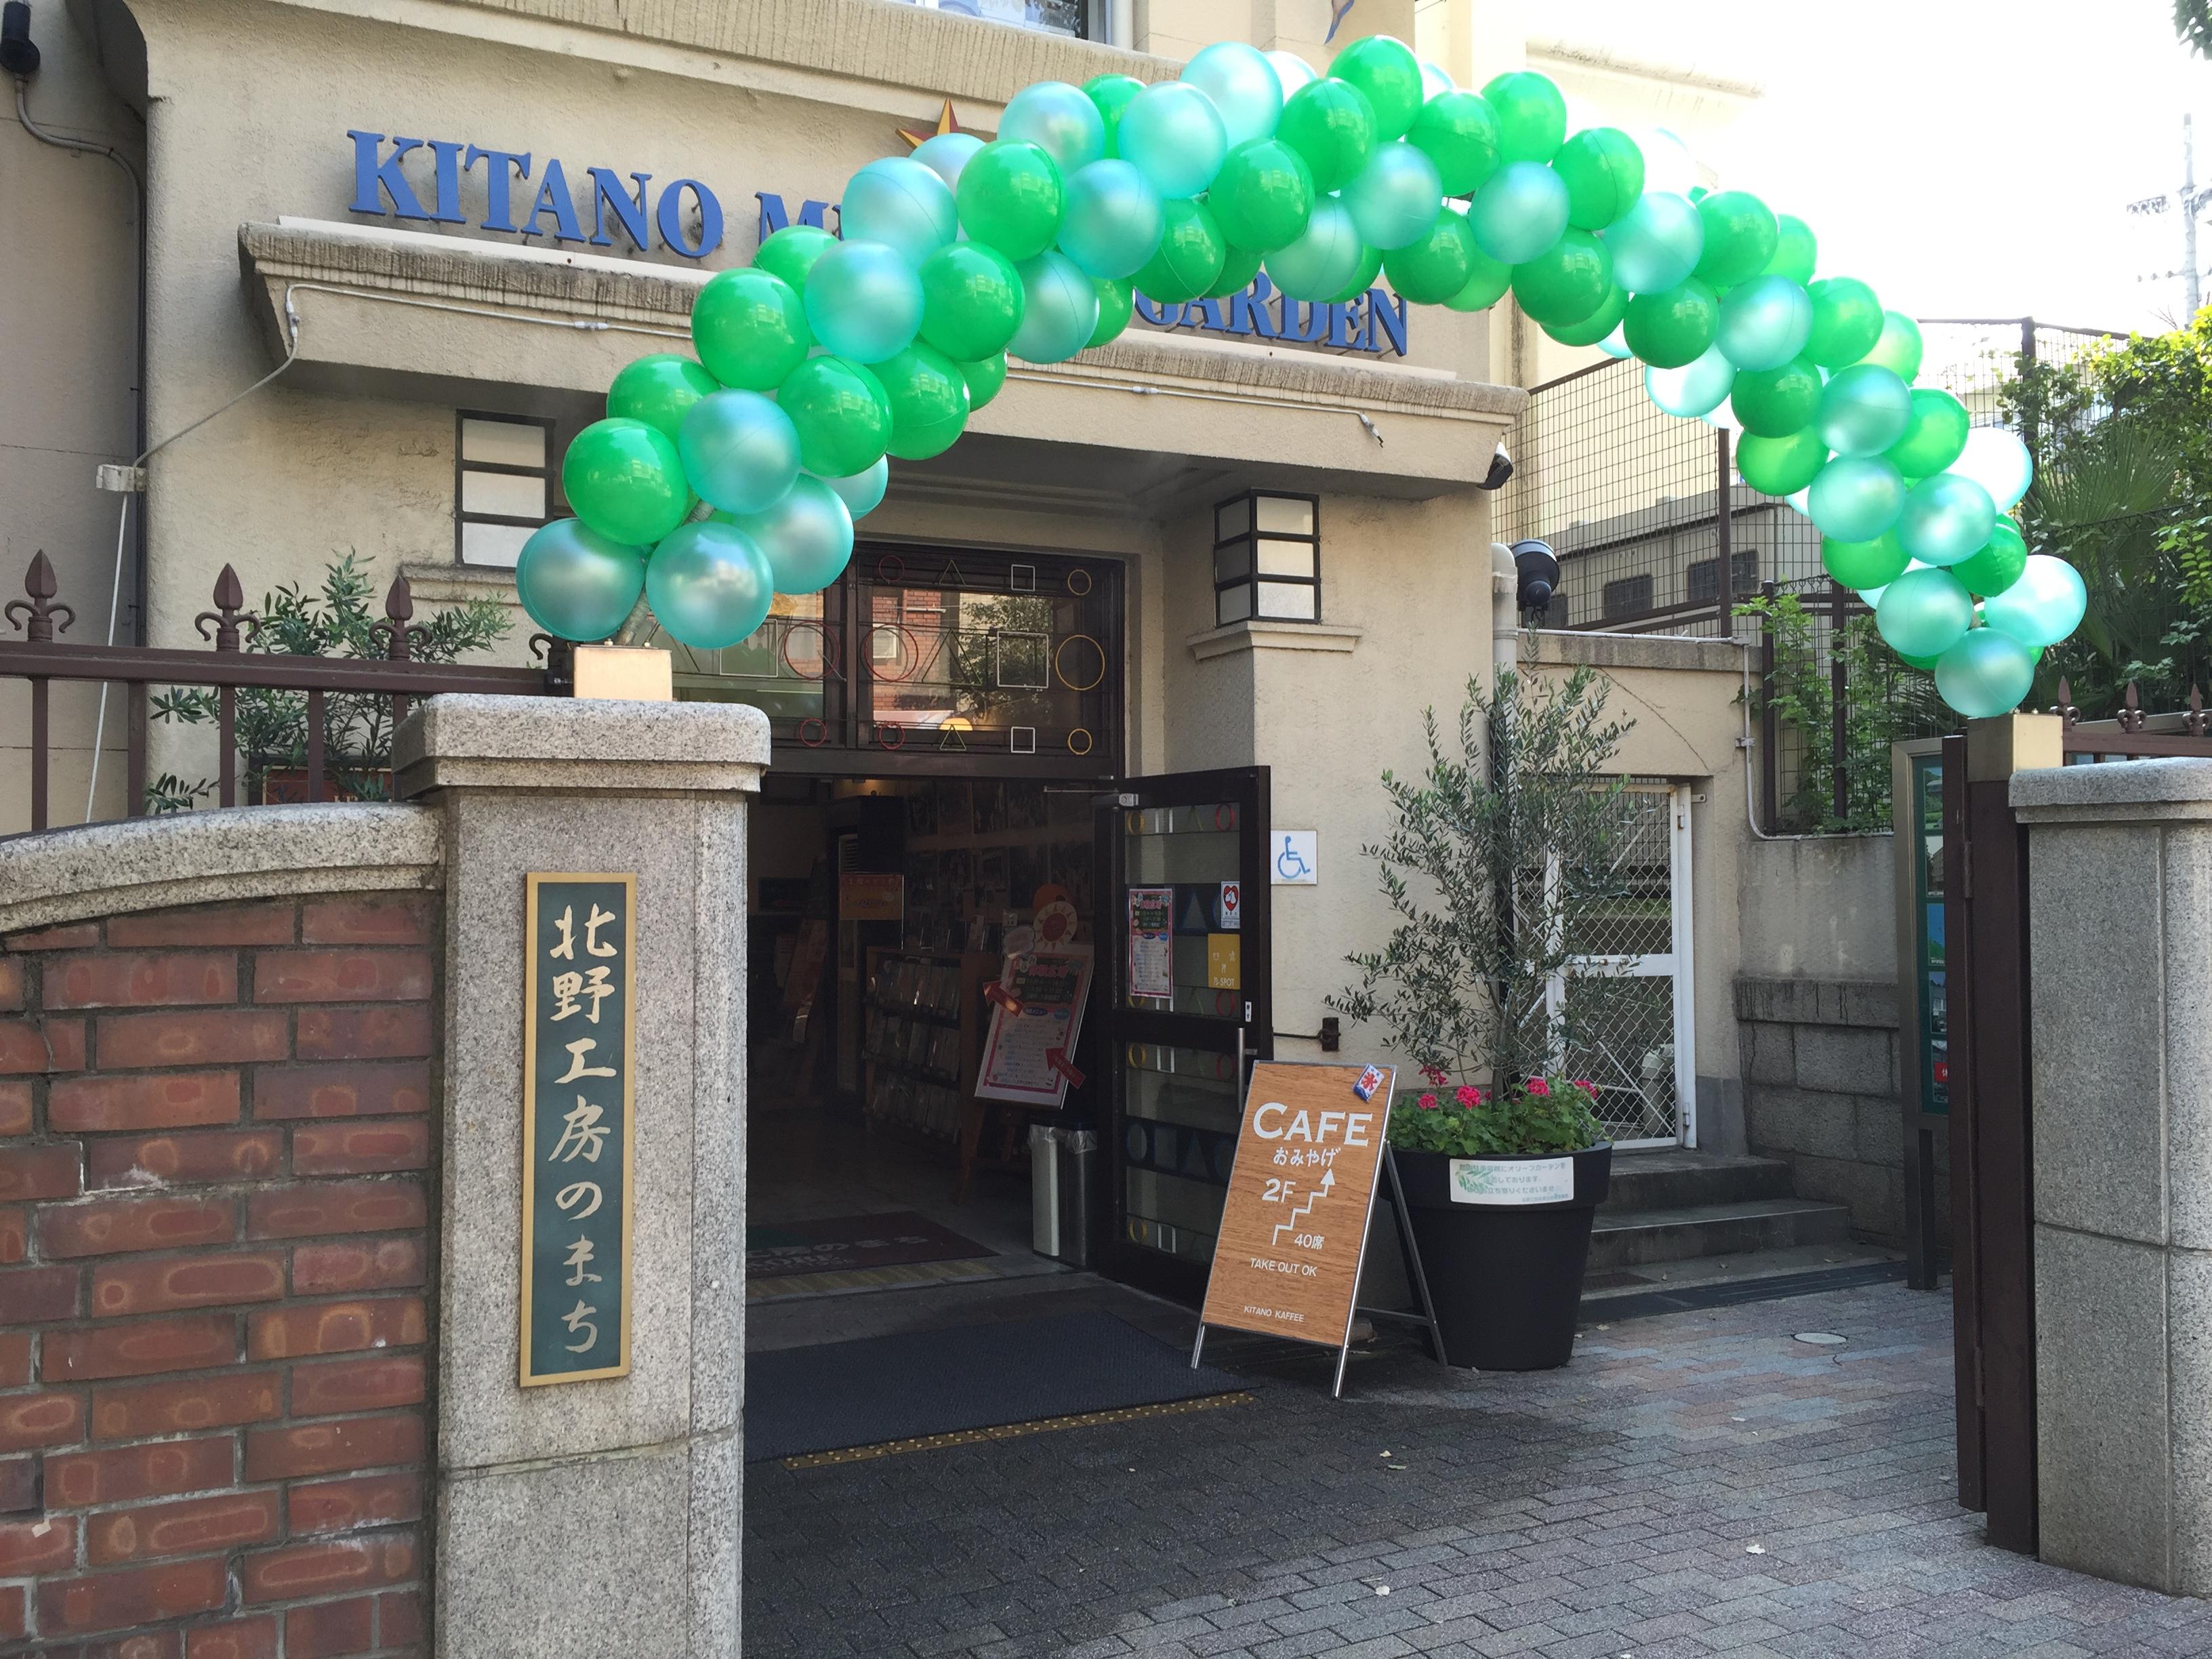 神戸の体験型観光スポット「北野工房のまち」を見学したよ【※写真付レポ※】